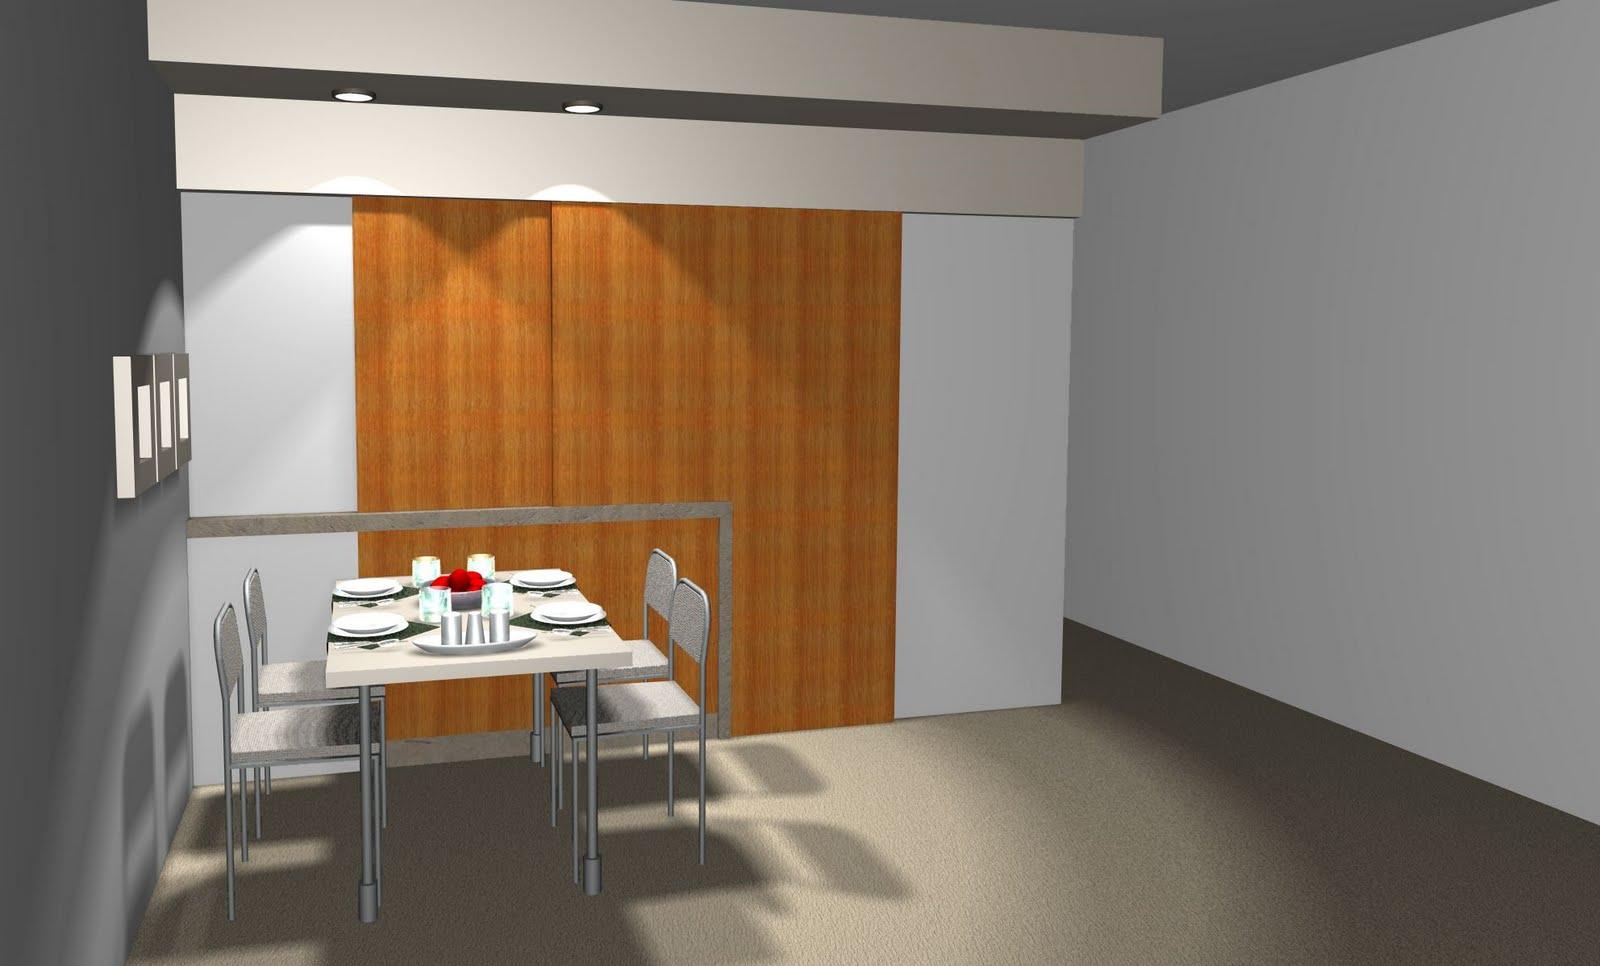 cozinha americana gesso como fazer cozinha americana drywall parte 01 #B71914 1600 966